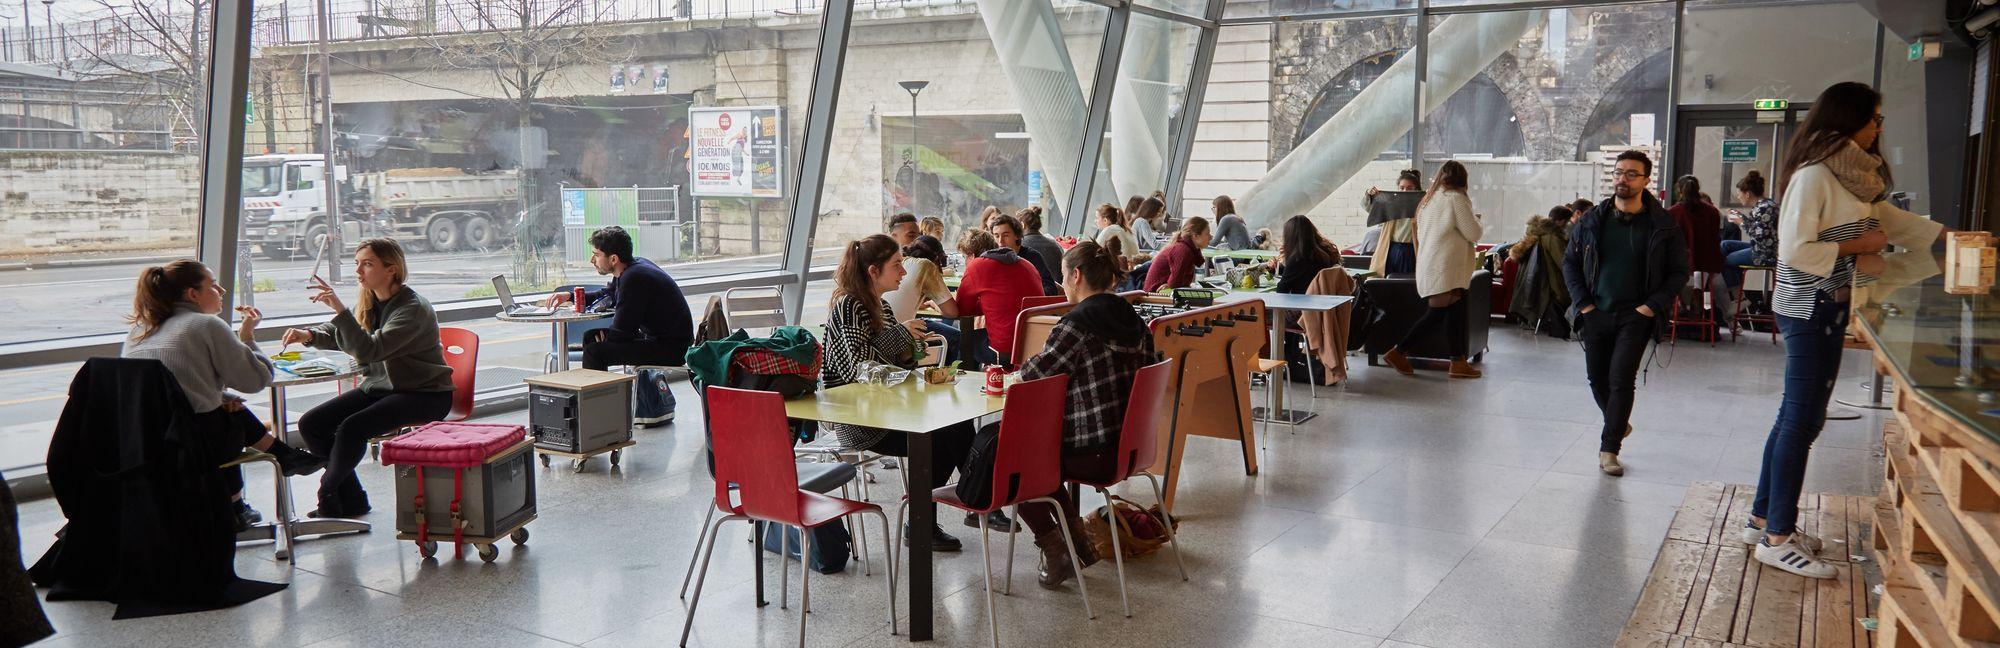 Ensa Paris Val De Seine où se restaurer quand on étudie à l'ensa paris-val de seine ?